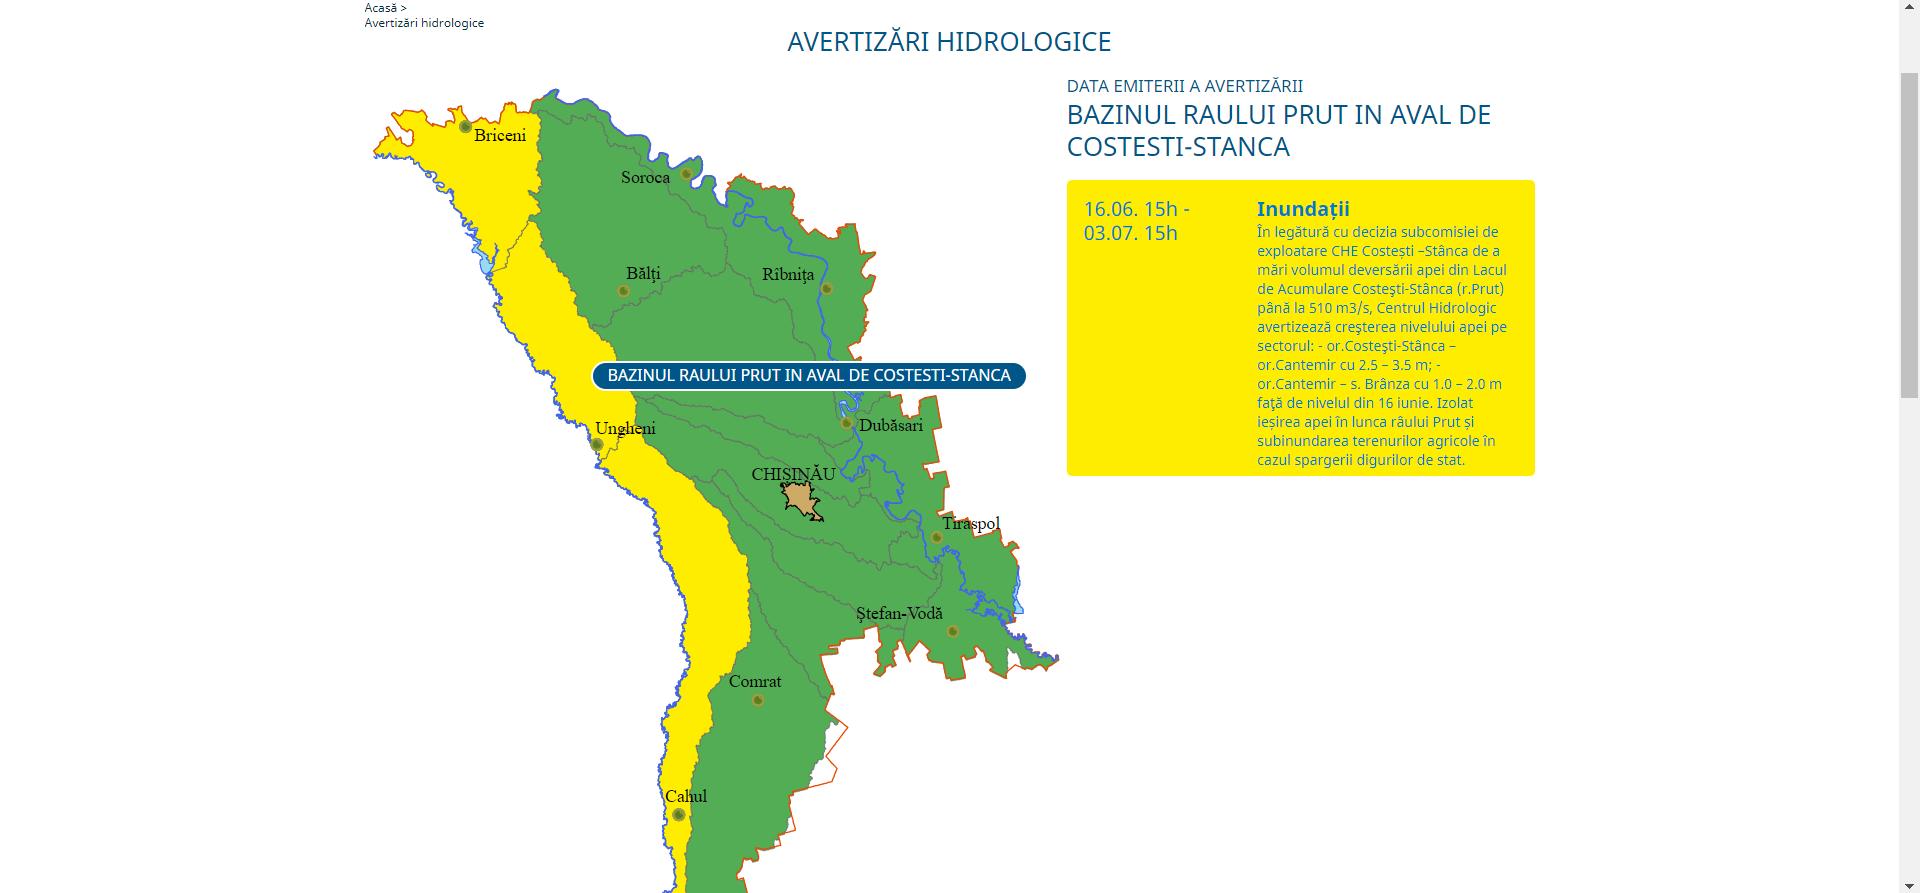 Cod galben de inundații de-a lungul luncii râului Prut